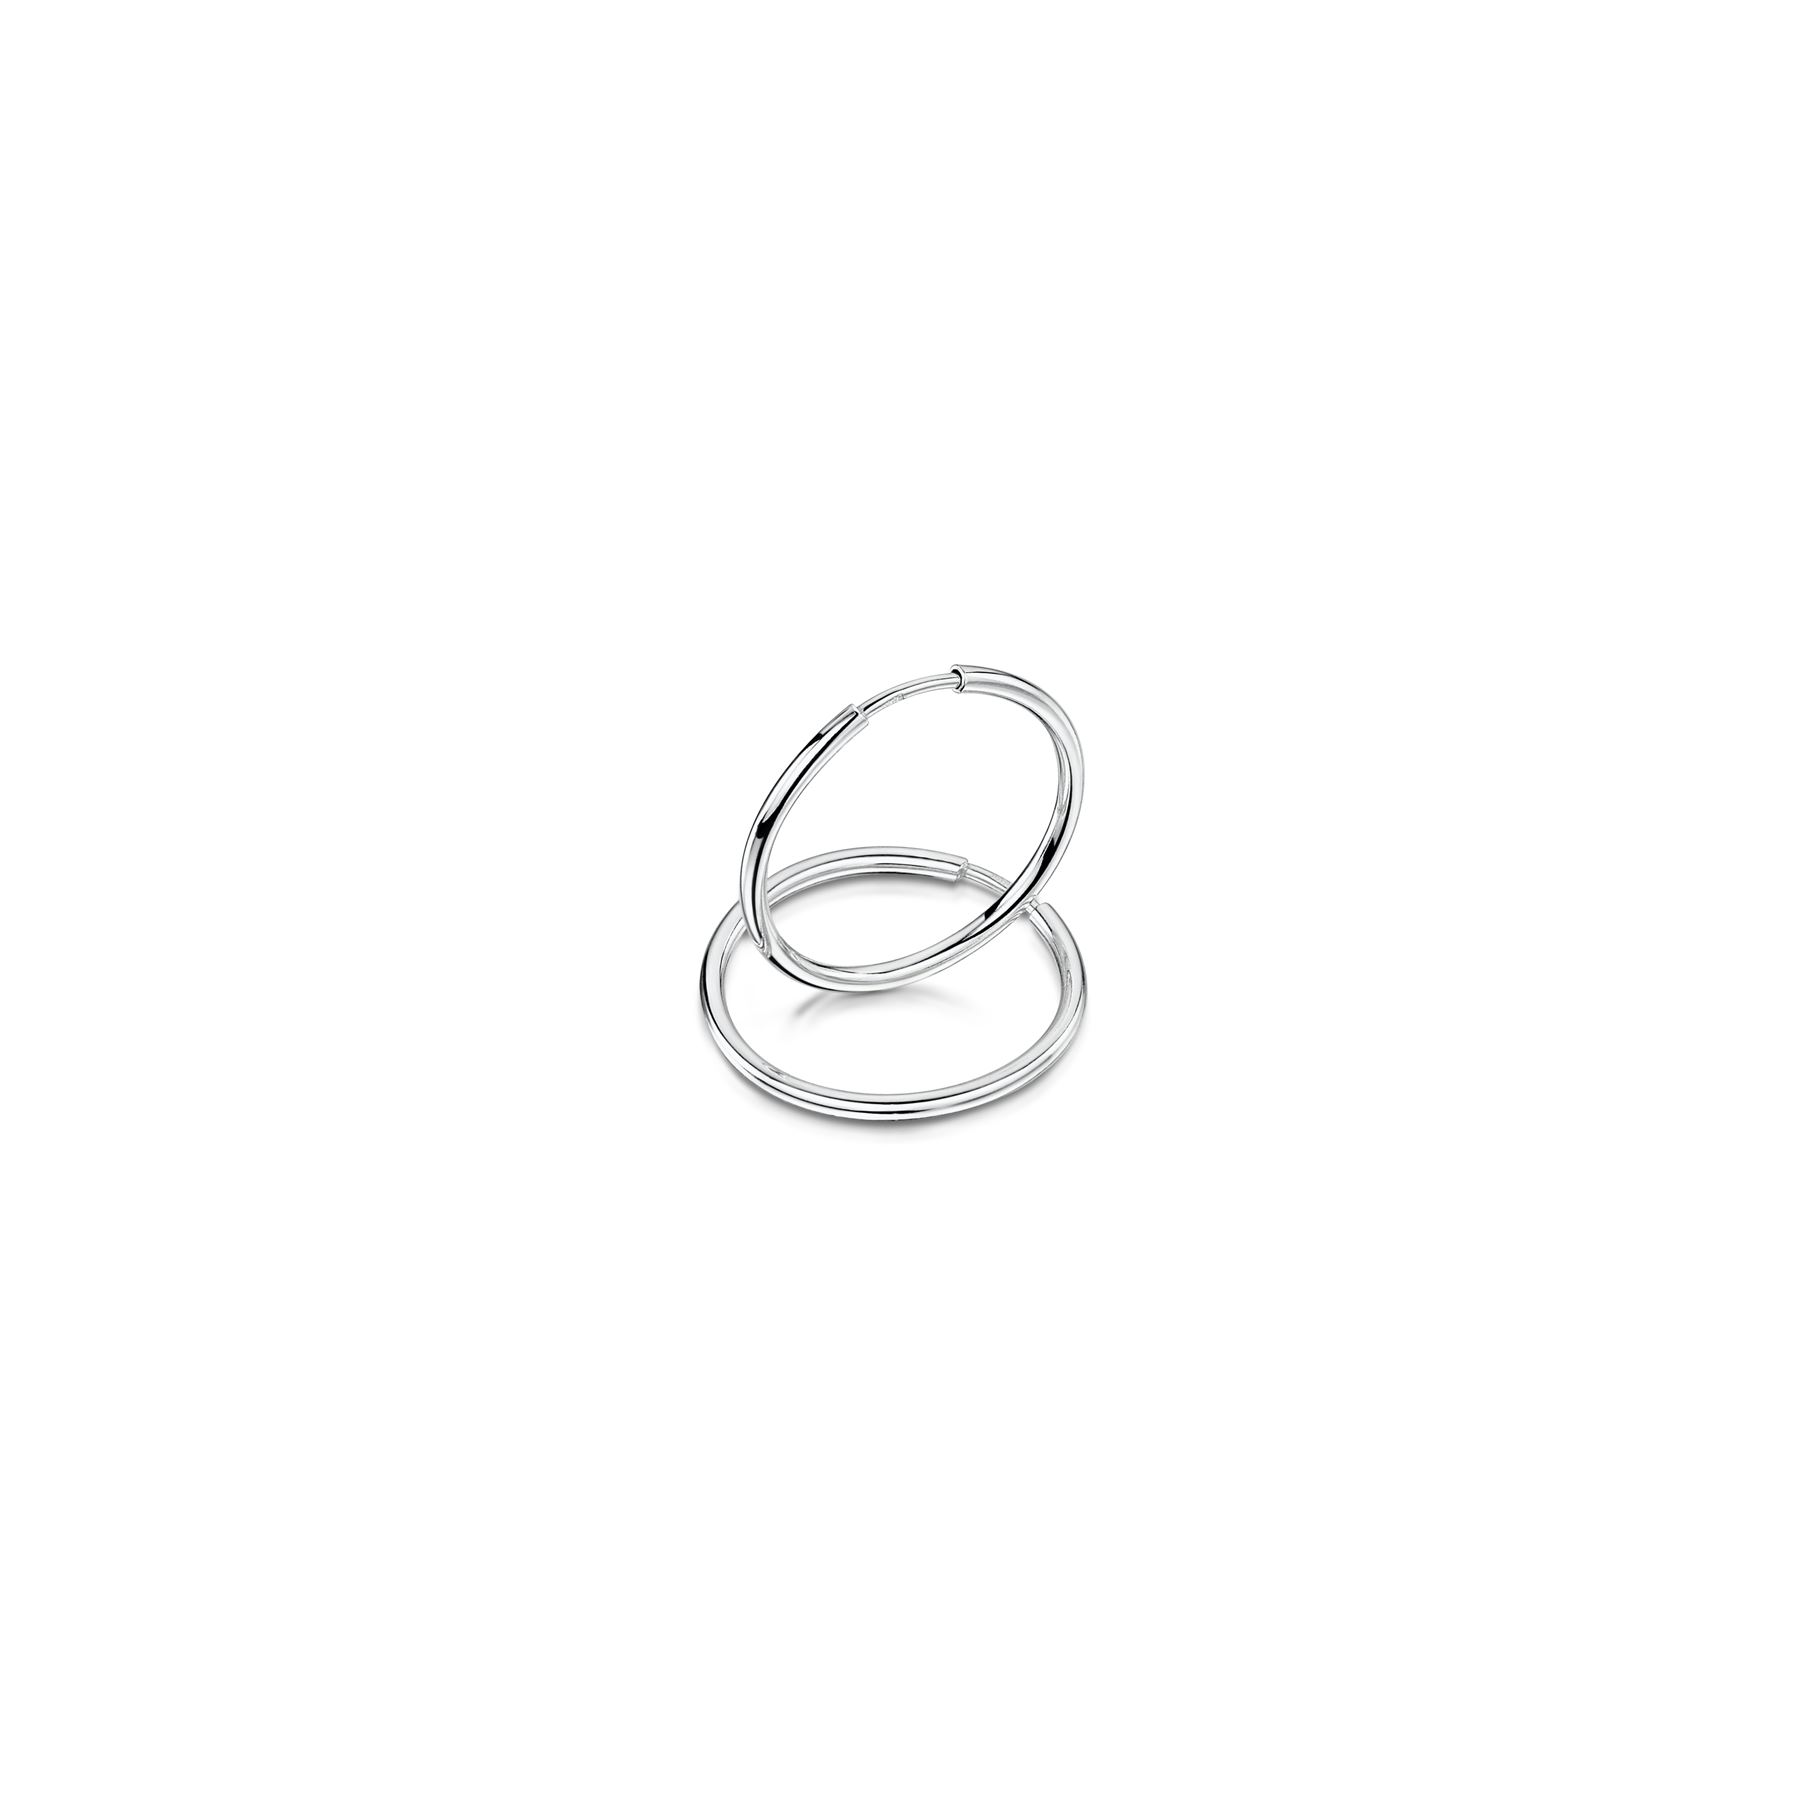 Amberta-Pendientes-para-Mujer-Aros-en-Plata-De-Ley-925-Autentica-Estilo-Clasico miniatura 19